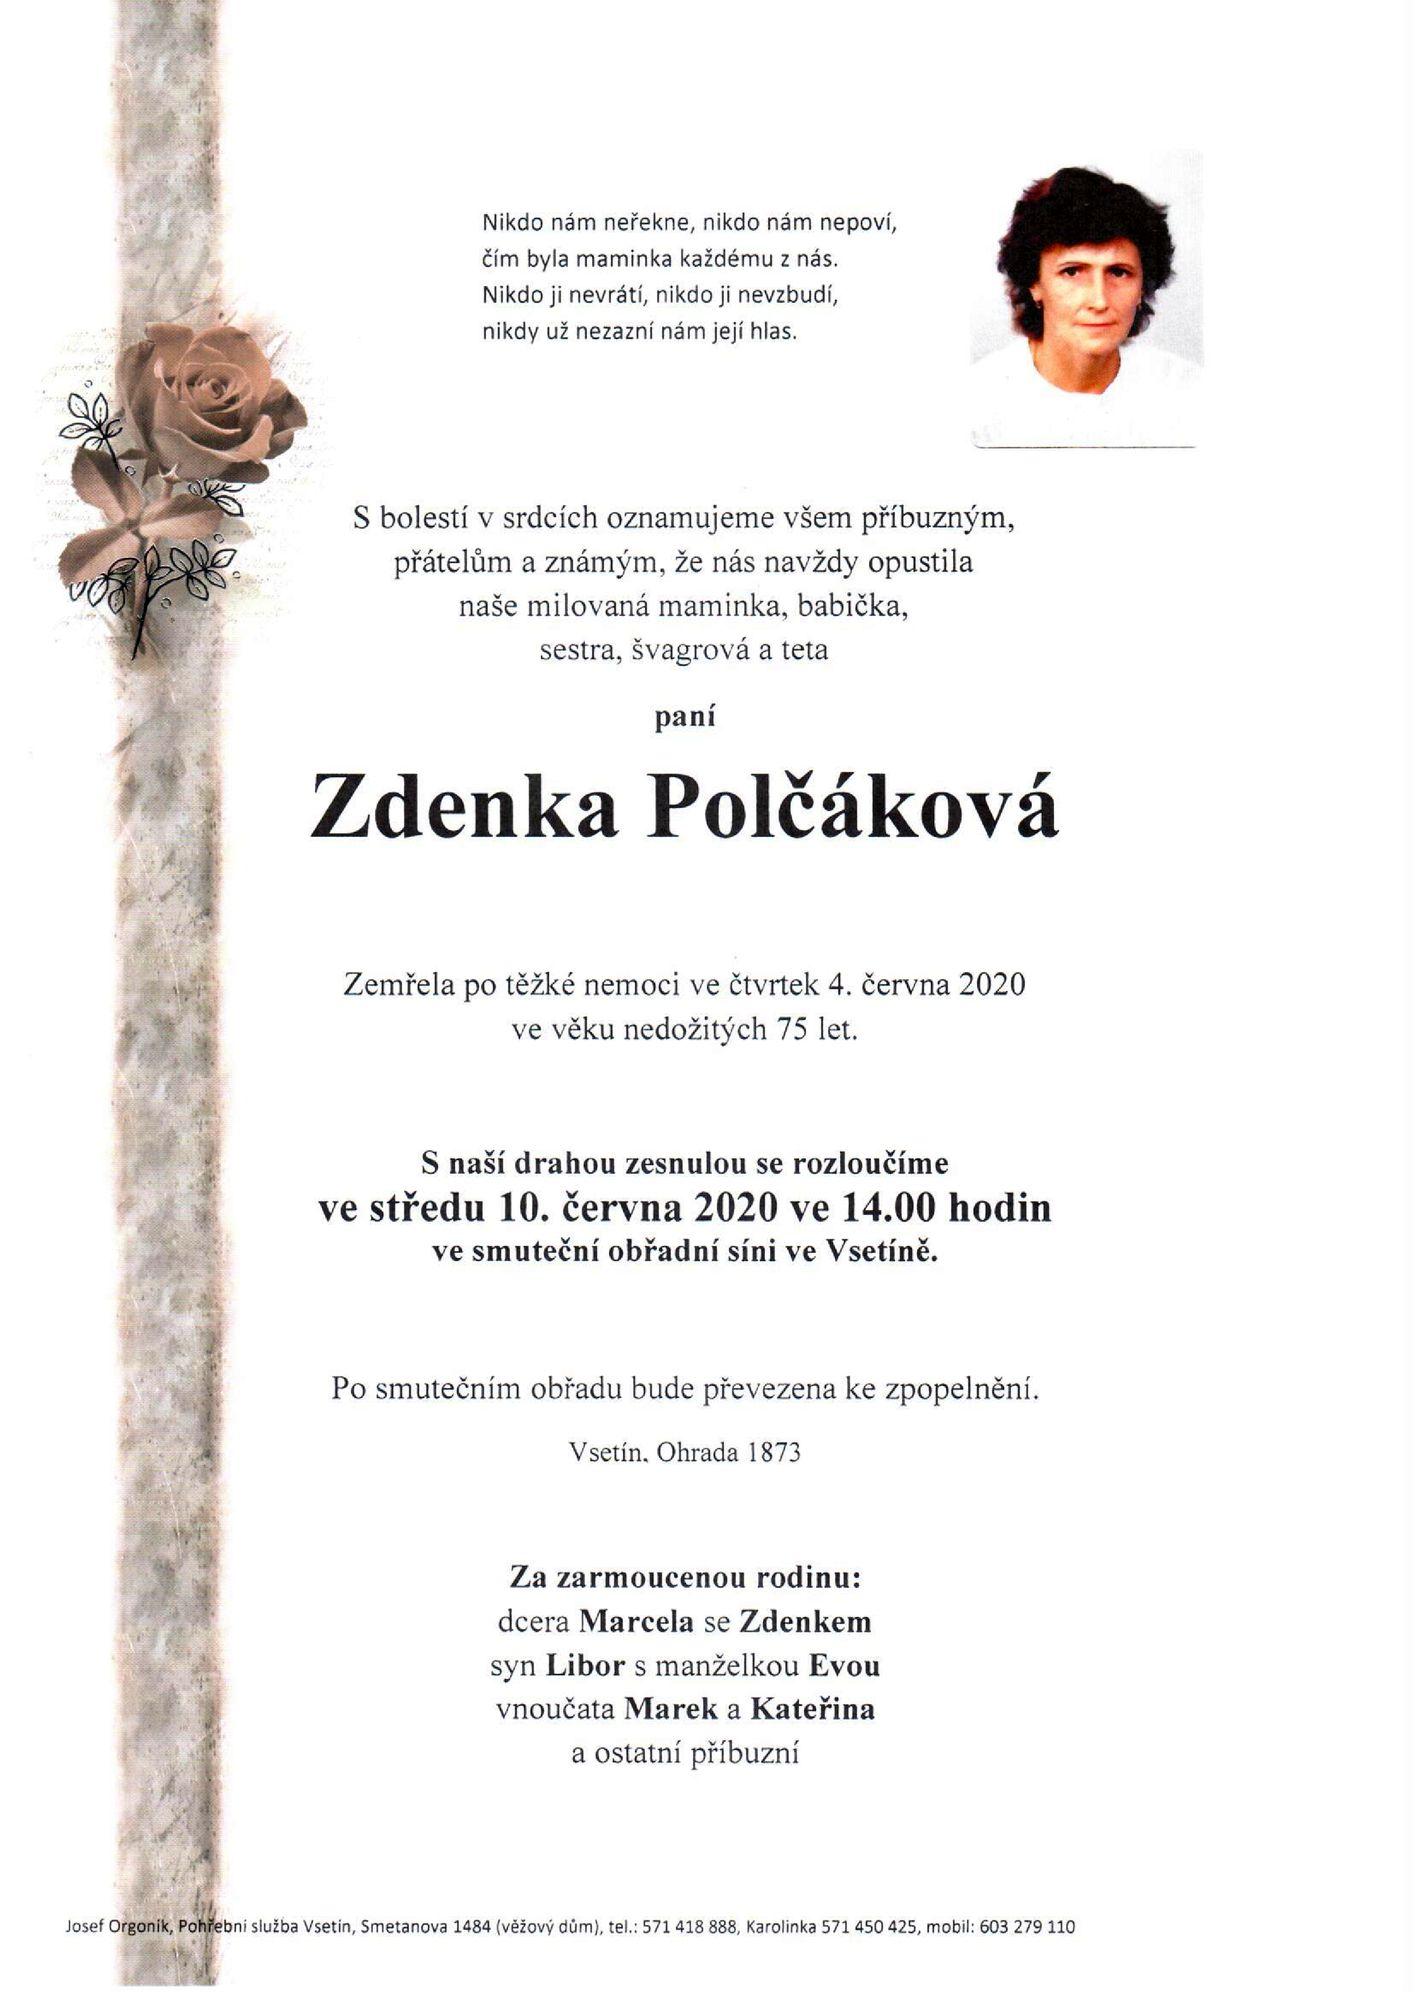 Zdenka Polčáková